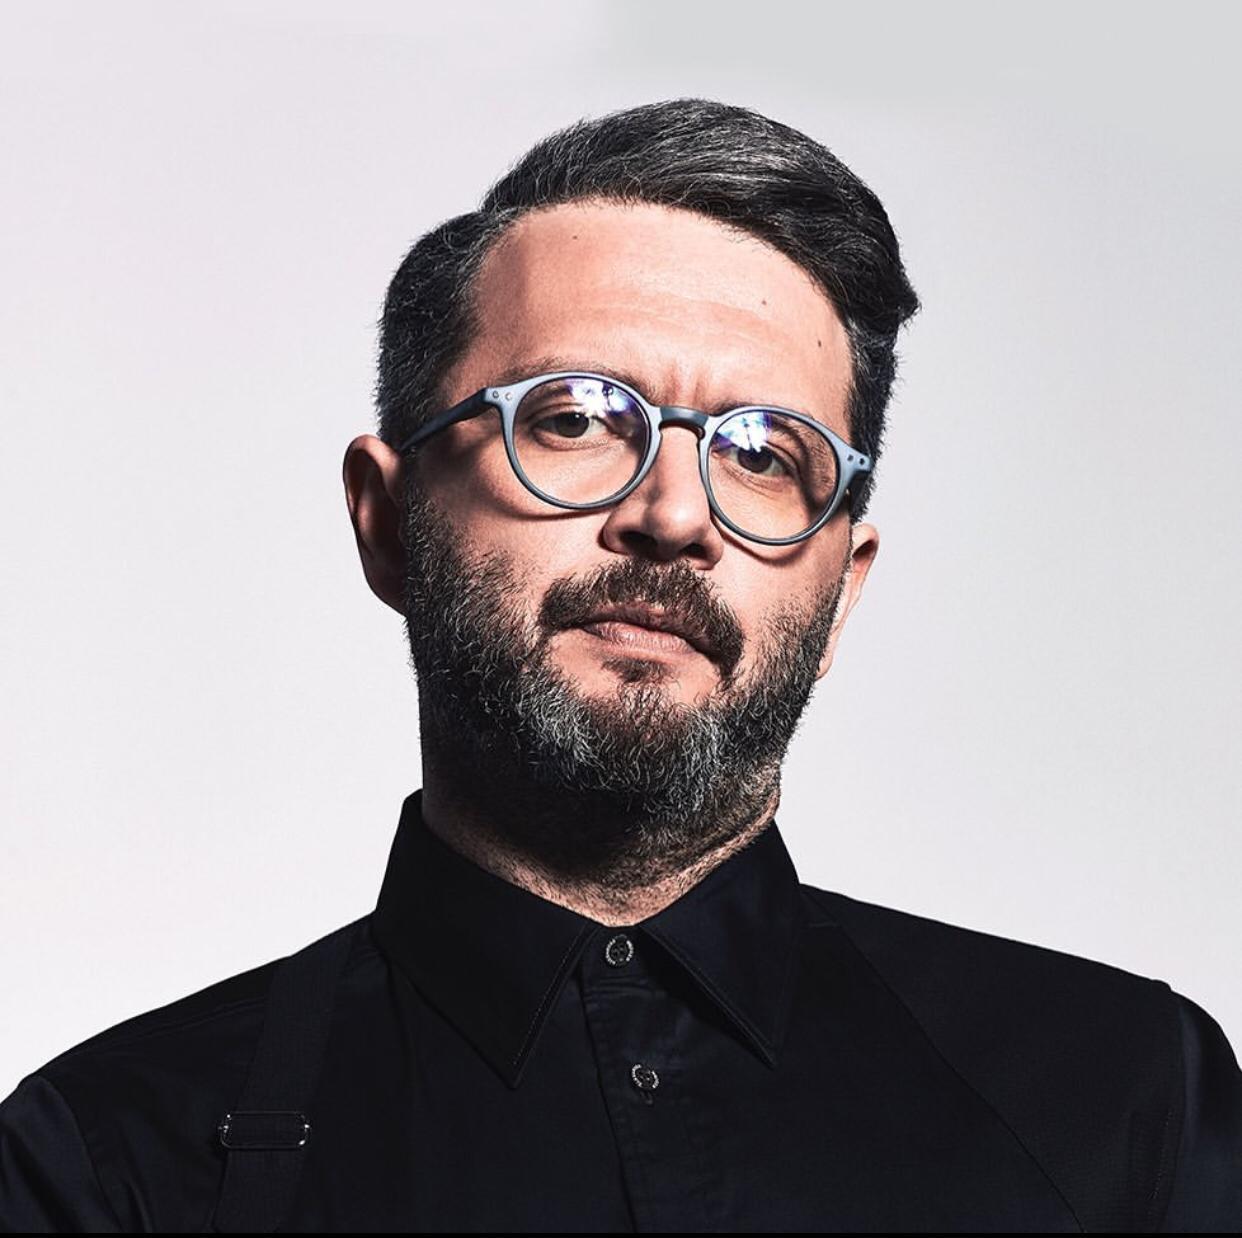 İbrahim Selim - Profil Fotoğrafı